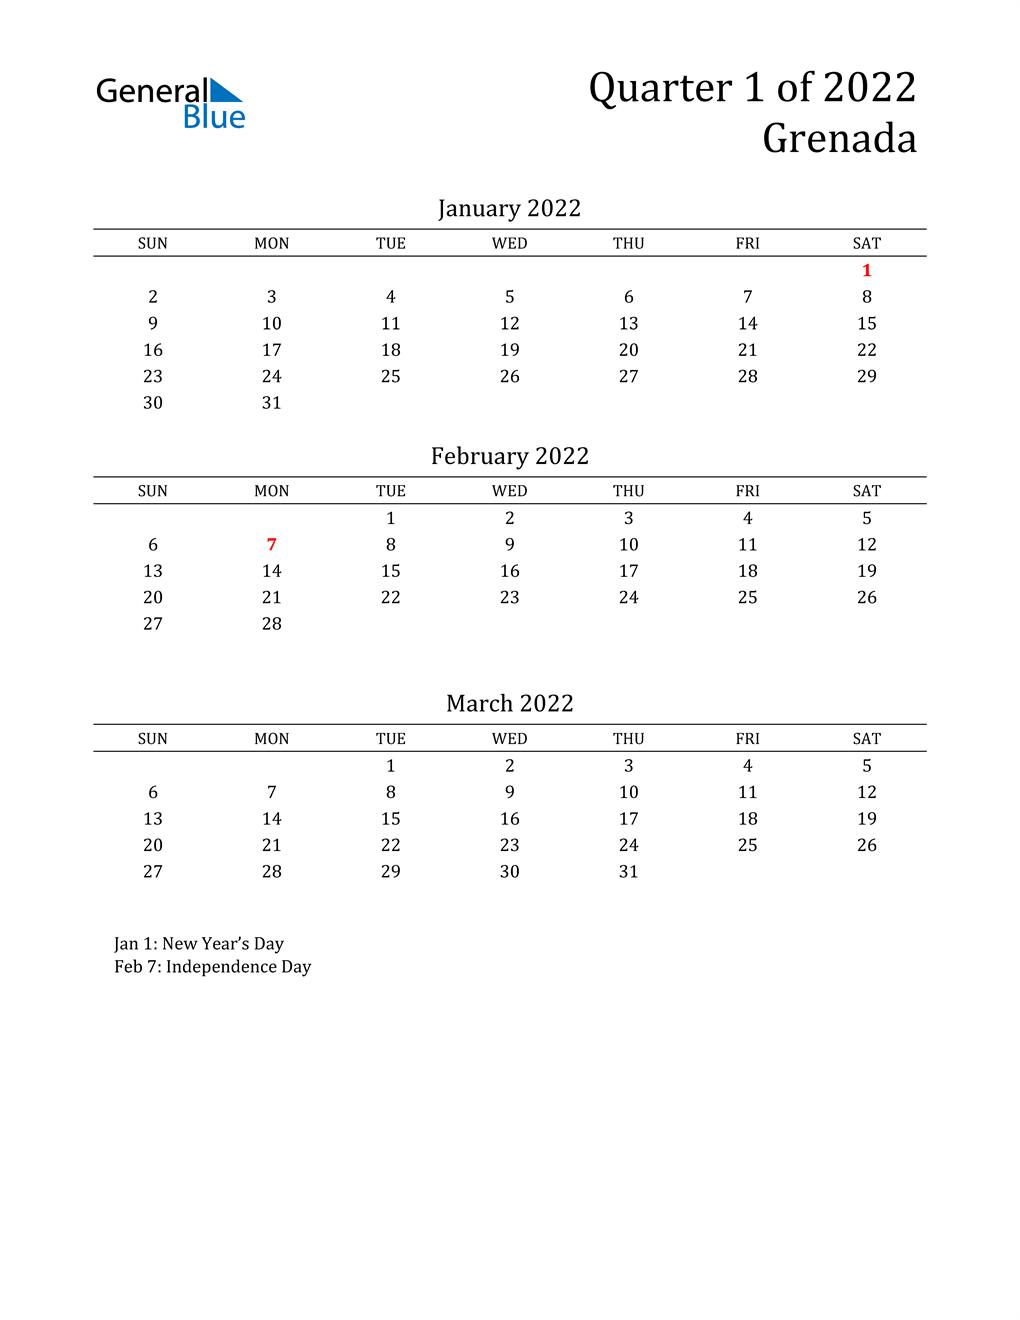 2022 Grenada Quarterly Calendar